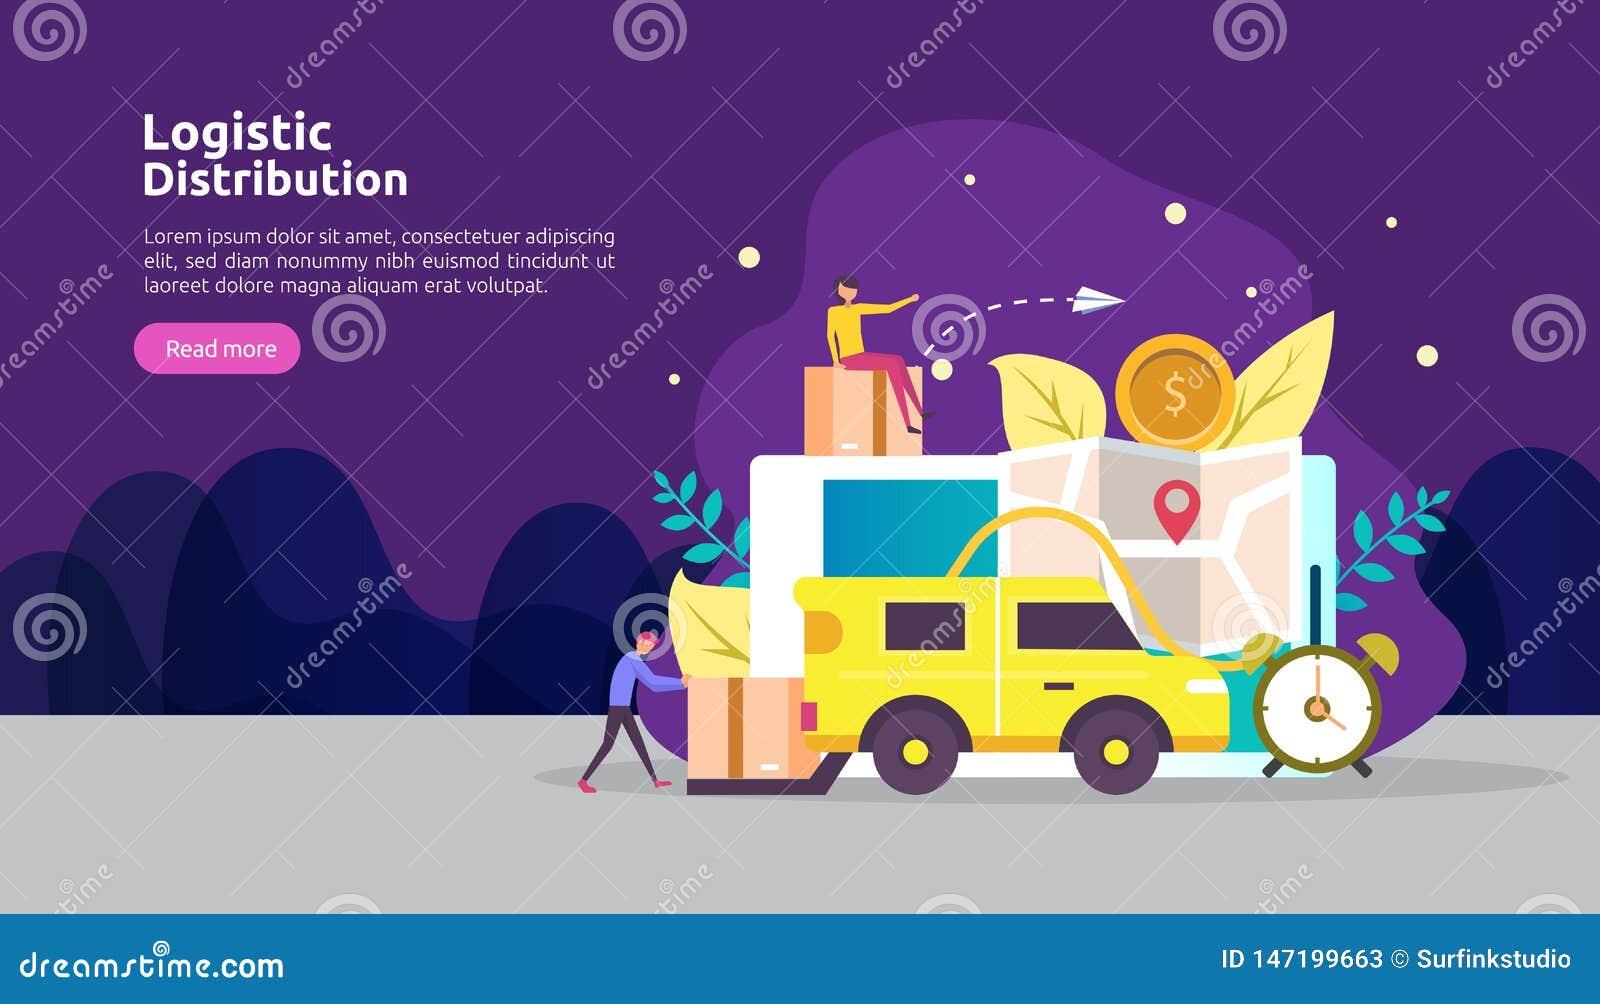 σφαιρική για την διοικητική μέριμνα αντίληψη απεικόνισης υπηρεσιών διανομής στέλνοντας έμβλημα εισαγωγής-εξαγωγής παράδοσης παγκό